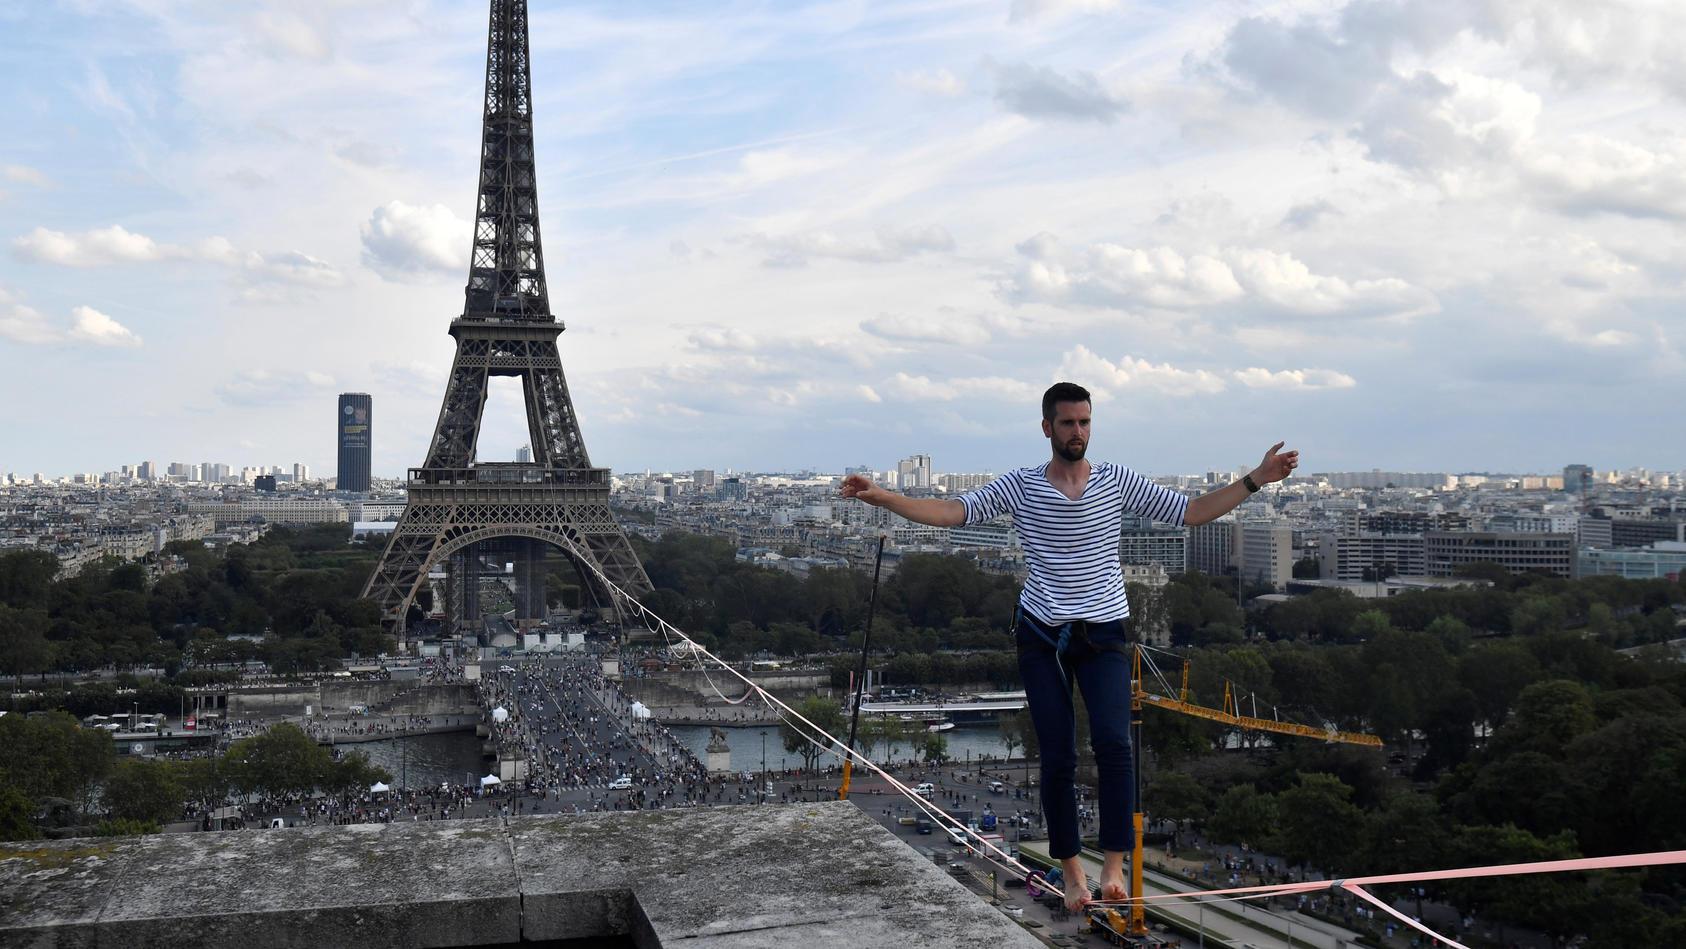 Nathan Paulin, Akrobat aus Frankreich, kommt am Theatre National de Chaillot an, nachdem er auf einem Seil vom Eiffelturm über die Seine gelaufen ist.